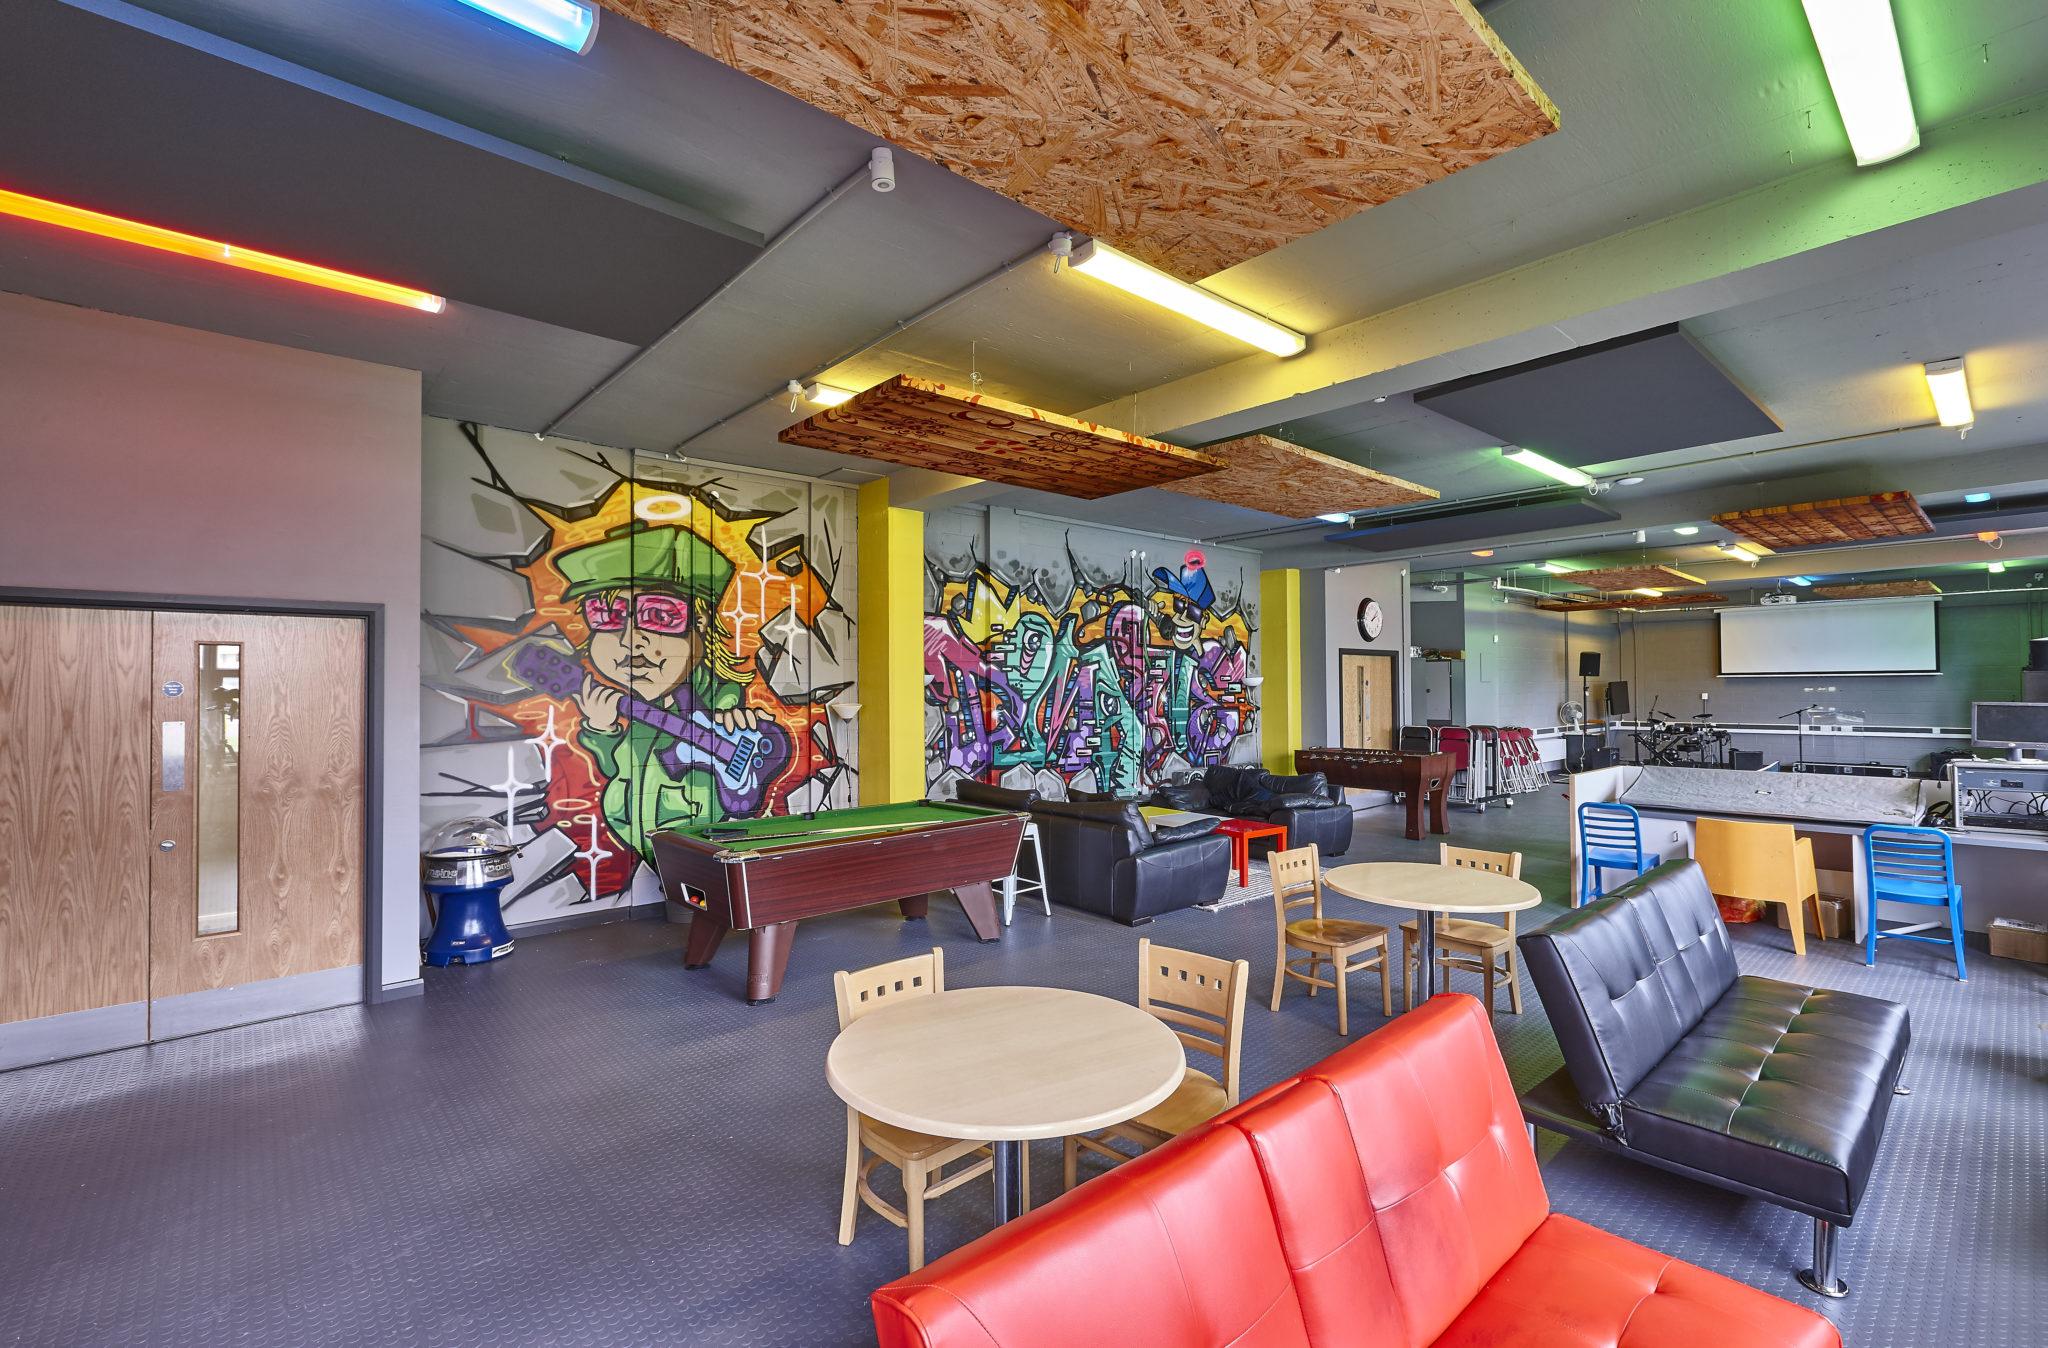 Acoustic treatment for a community centre